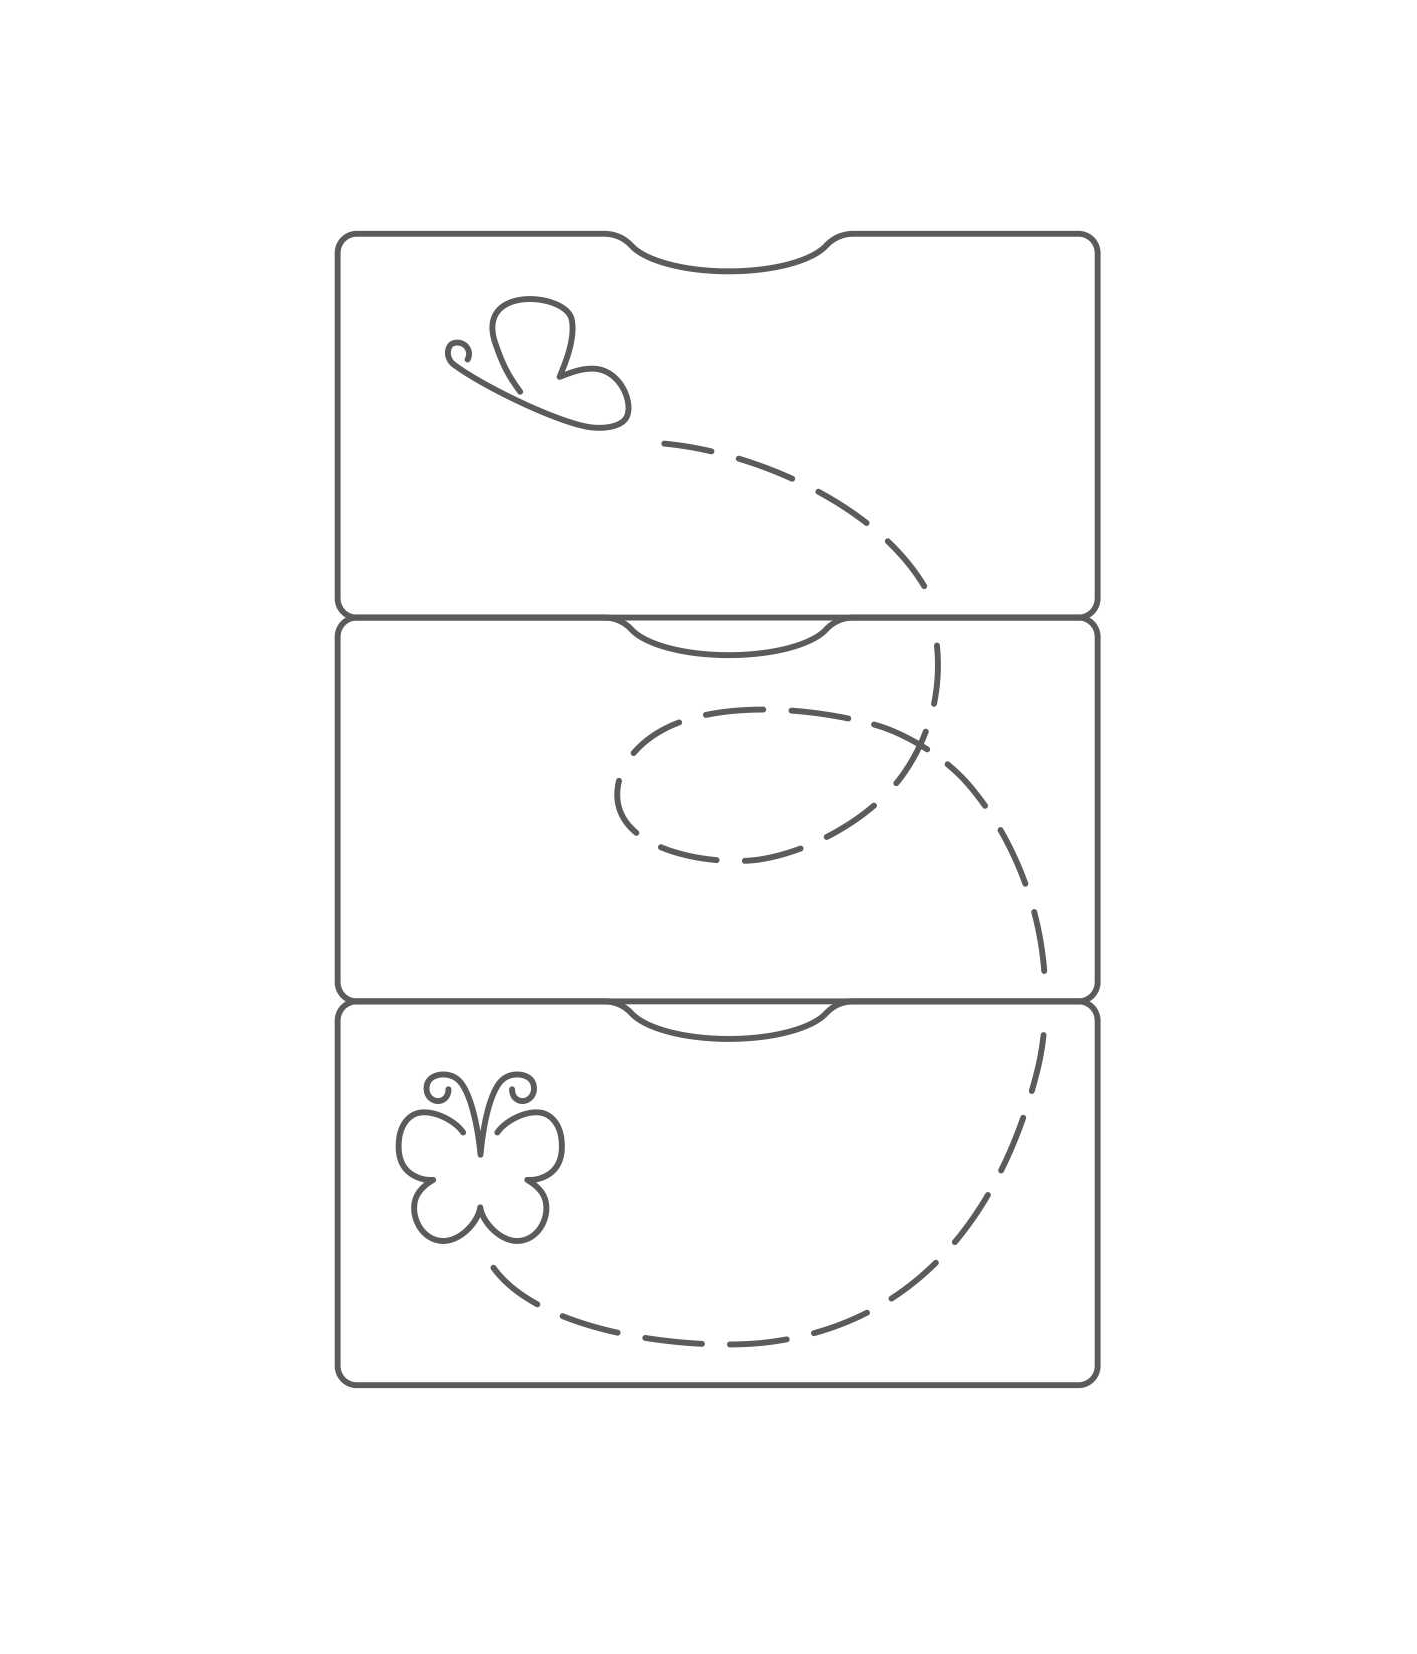 Схема фрезеровки